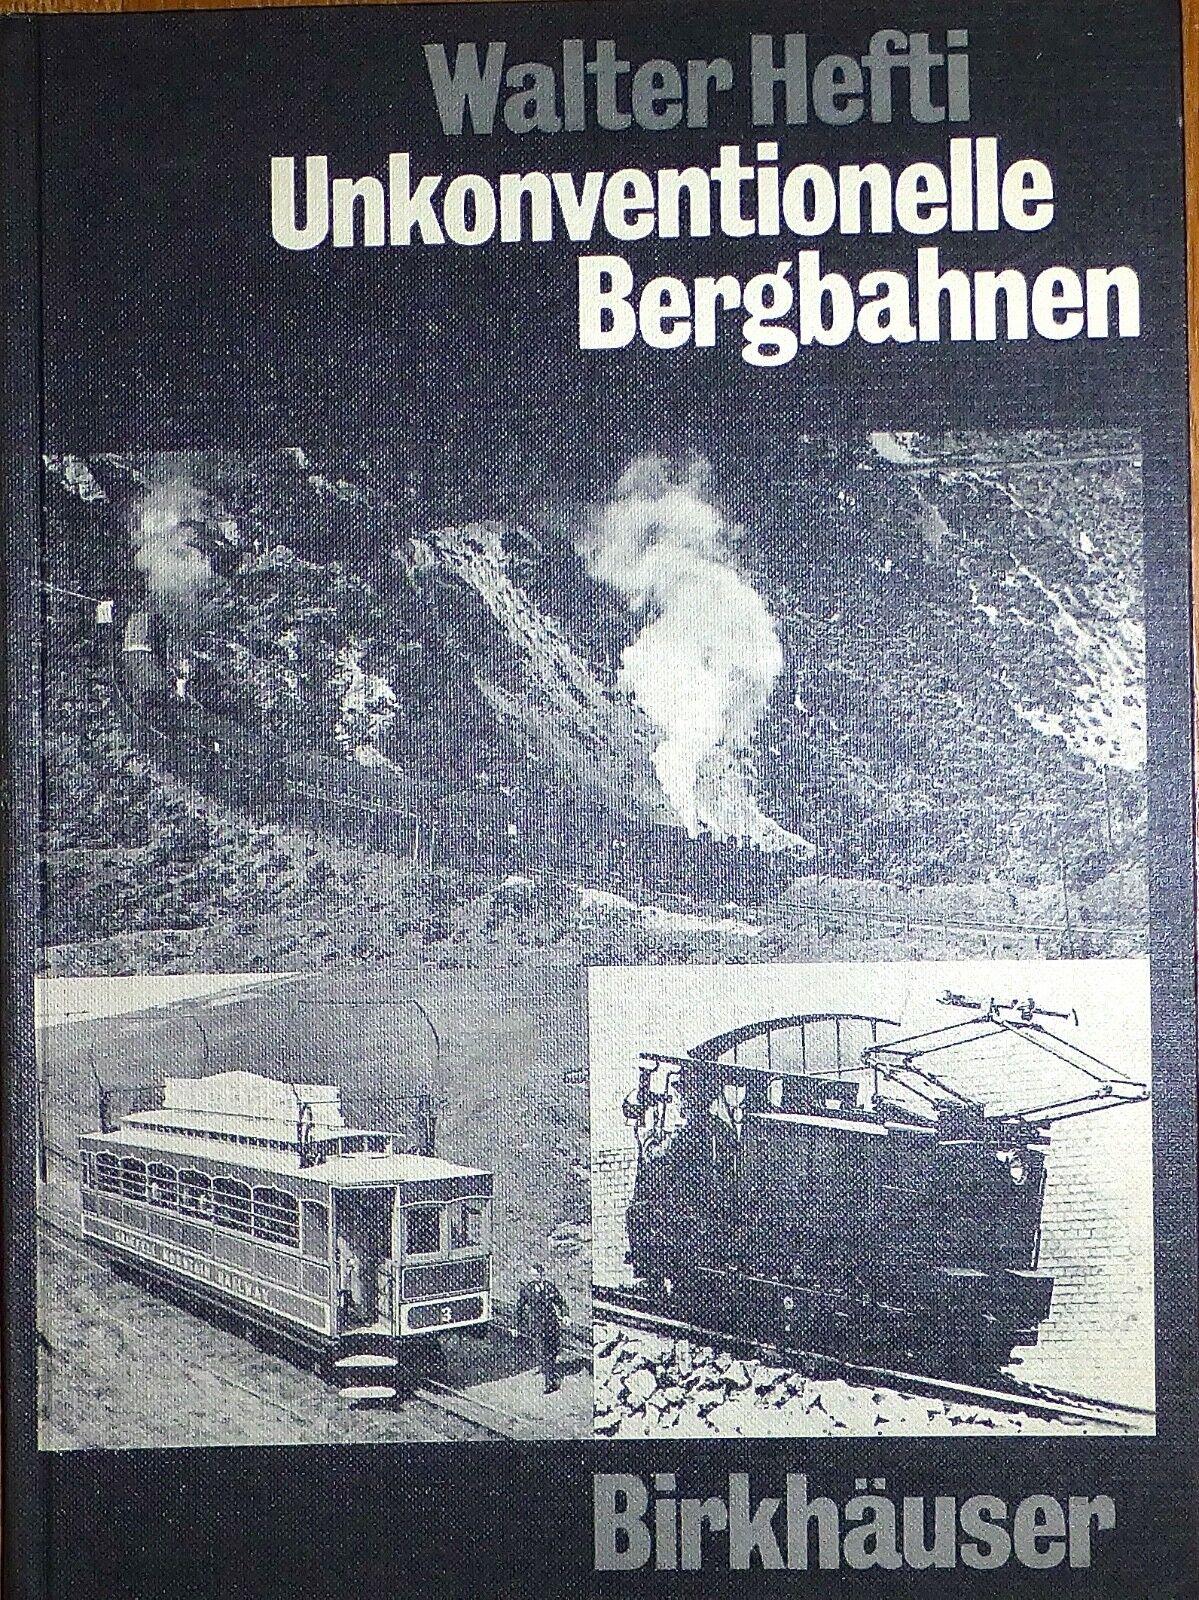 Unkonventionelle Unkonventionelle Unkonventionelle Bergbahnen Walter Hefti Birkhäuser HR1 Å 4fa1ce